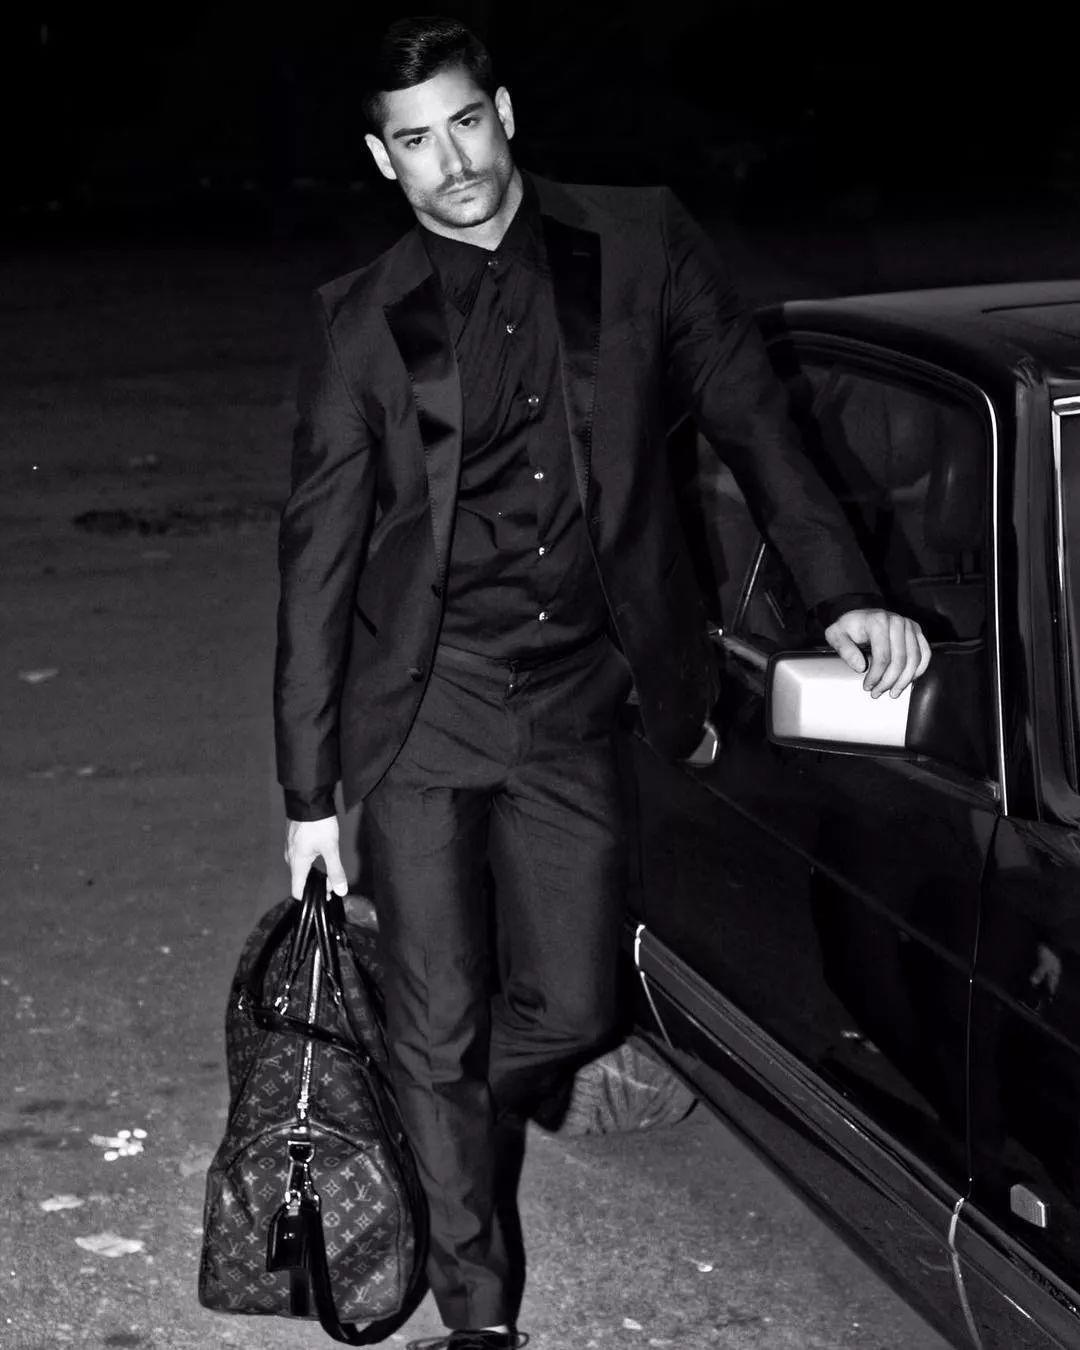 2018082109525743 - 国民老公级别西班牙男模:Jonathan Guijarro